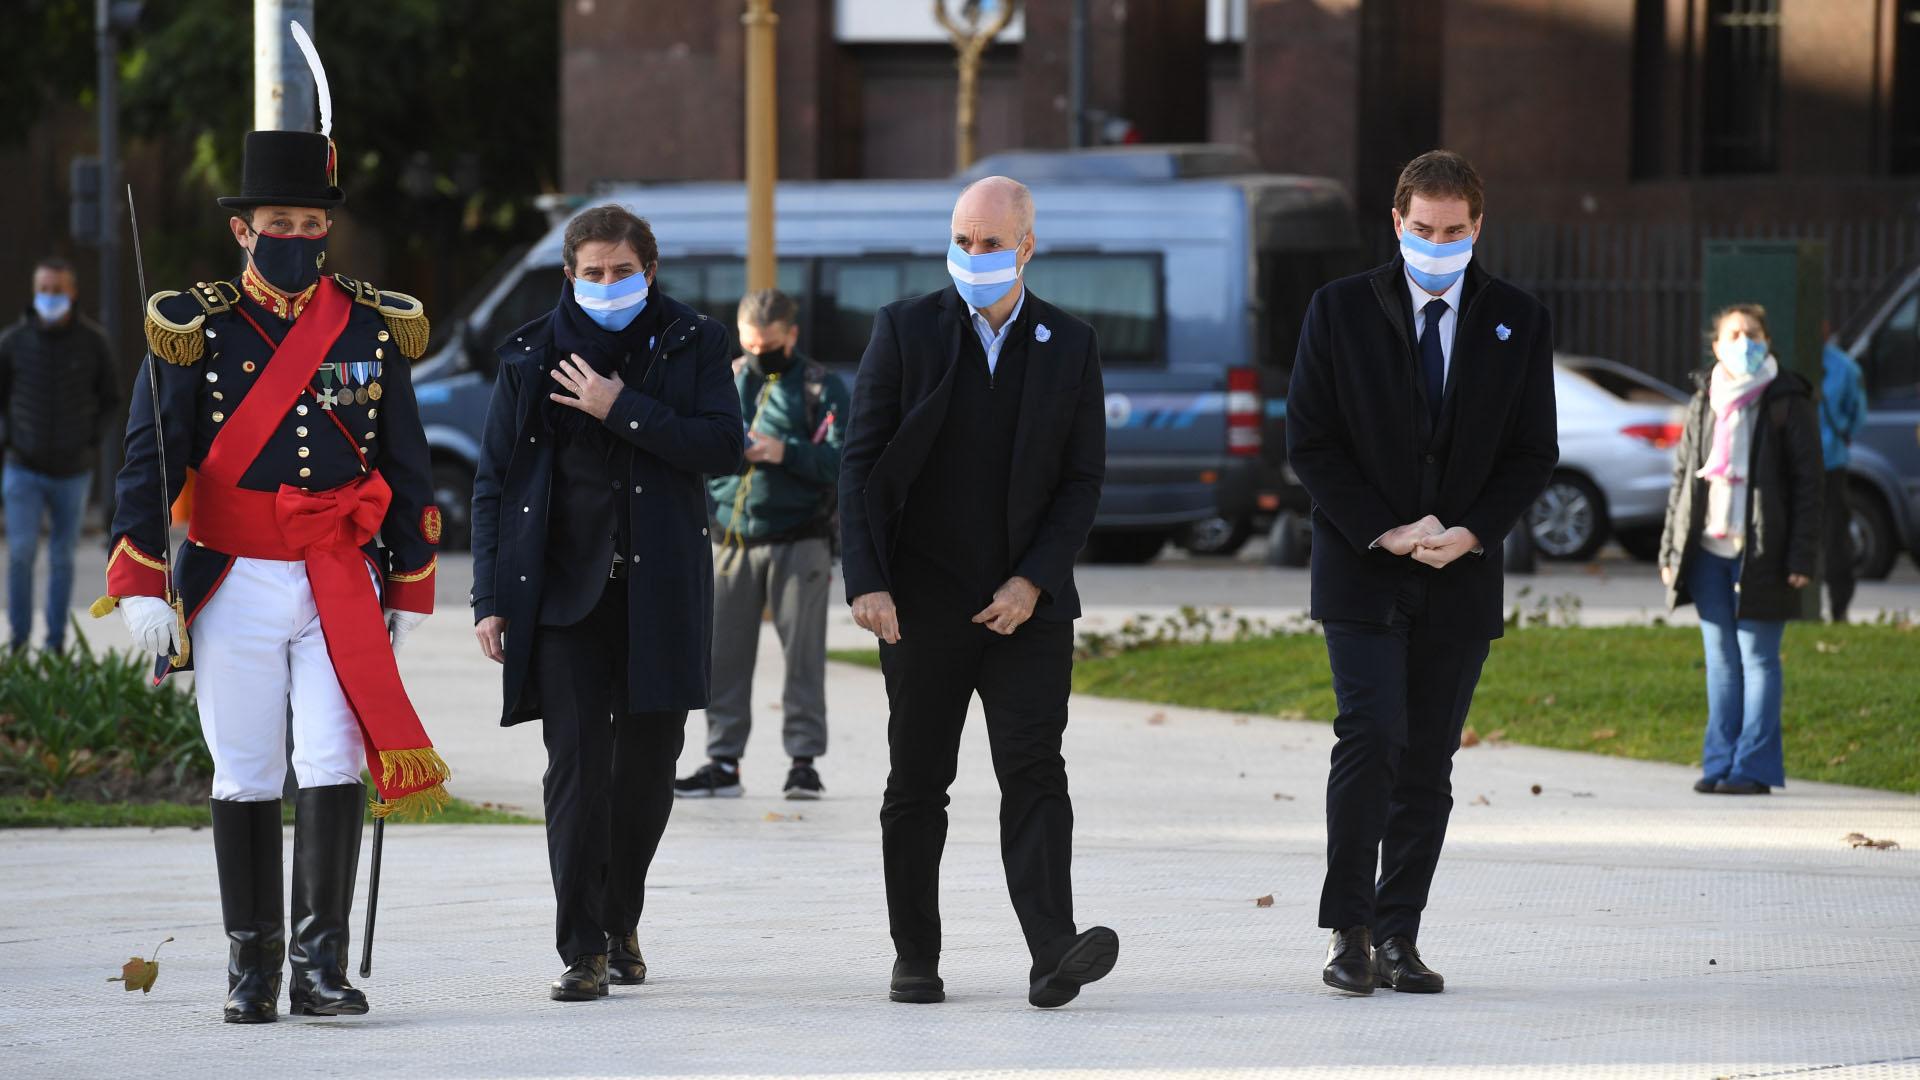 El jefe de Gobierno porteño, Horacio Rodríguez Larreta, el vicejefe y ministro de Seguridad, Diego Santilli, y el secretario general y de Relaciones Internacionales, Fernando Straface